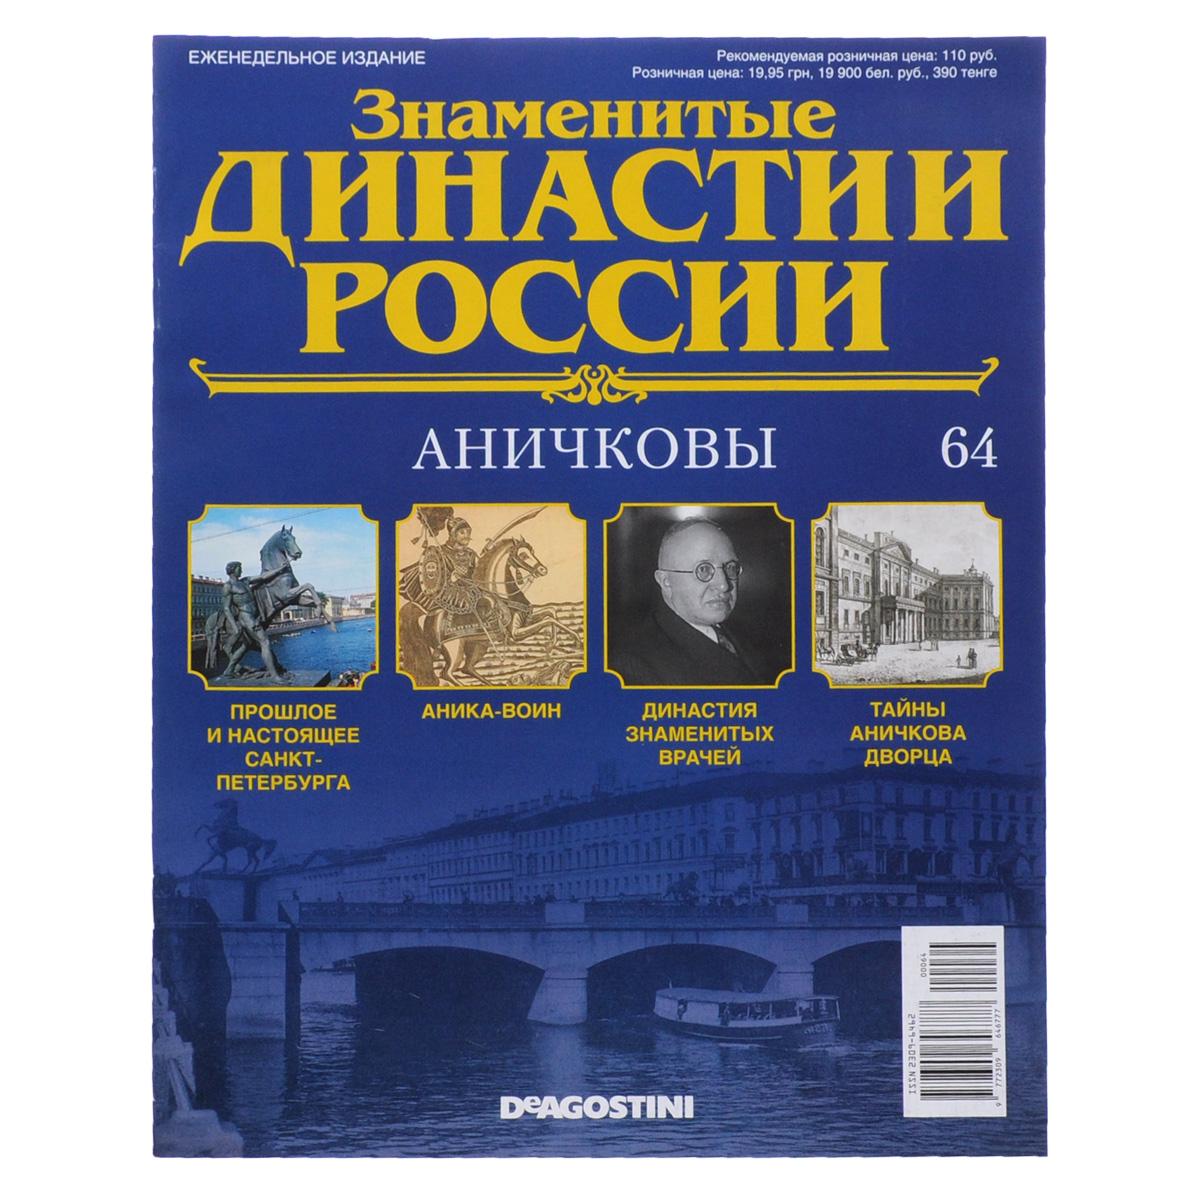 Журнал Знаменитые династии России №064 журнал знаменитые династии россии 85